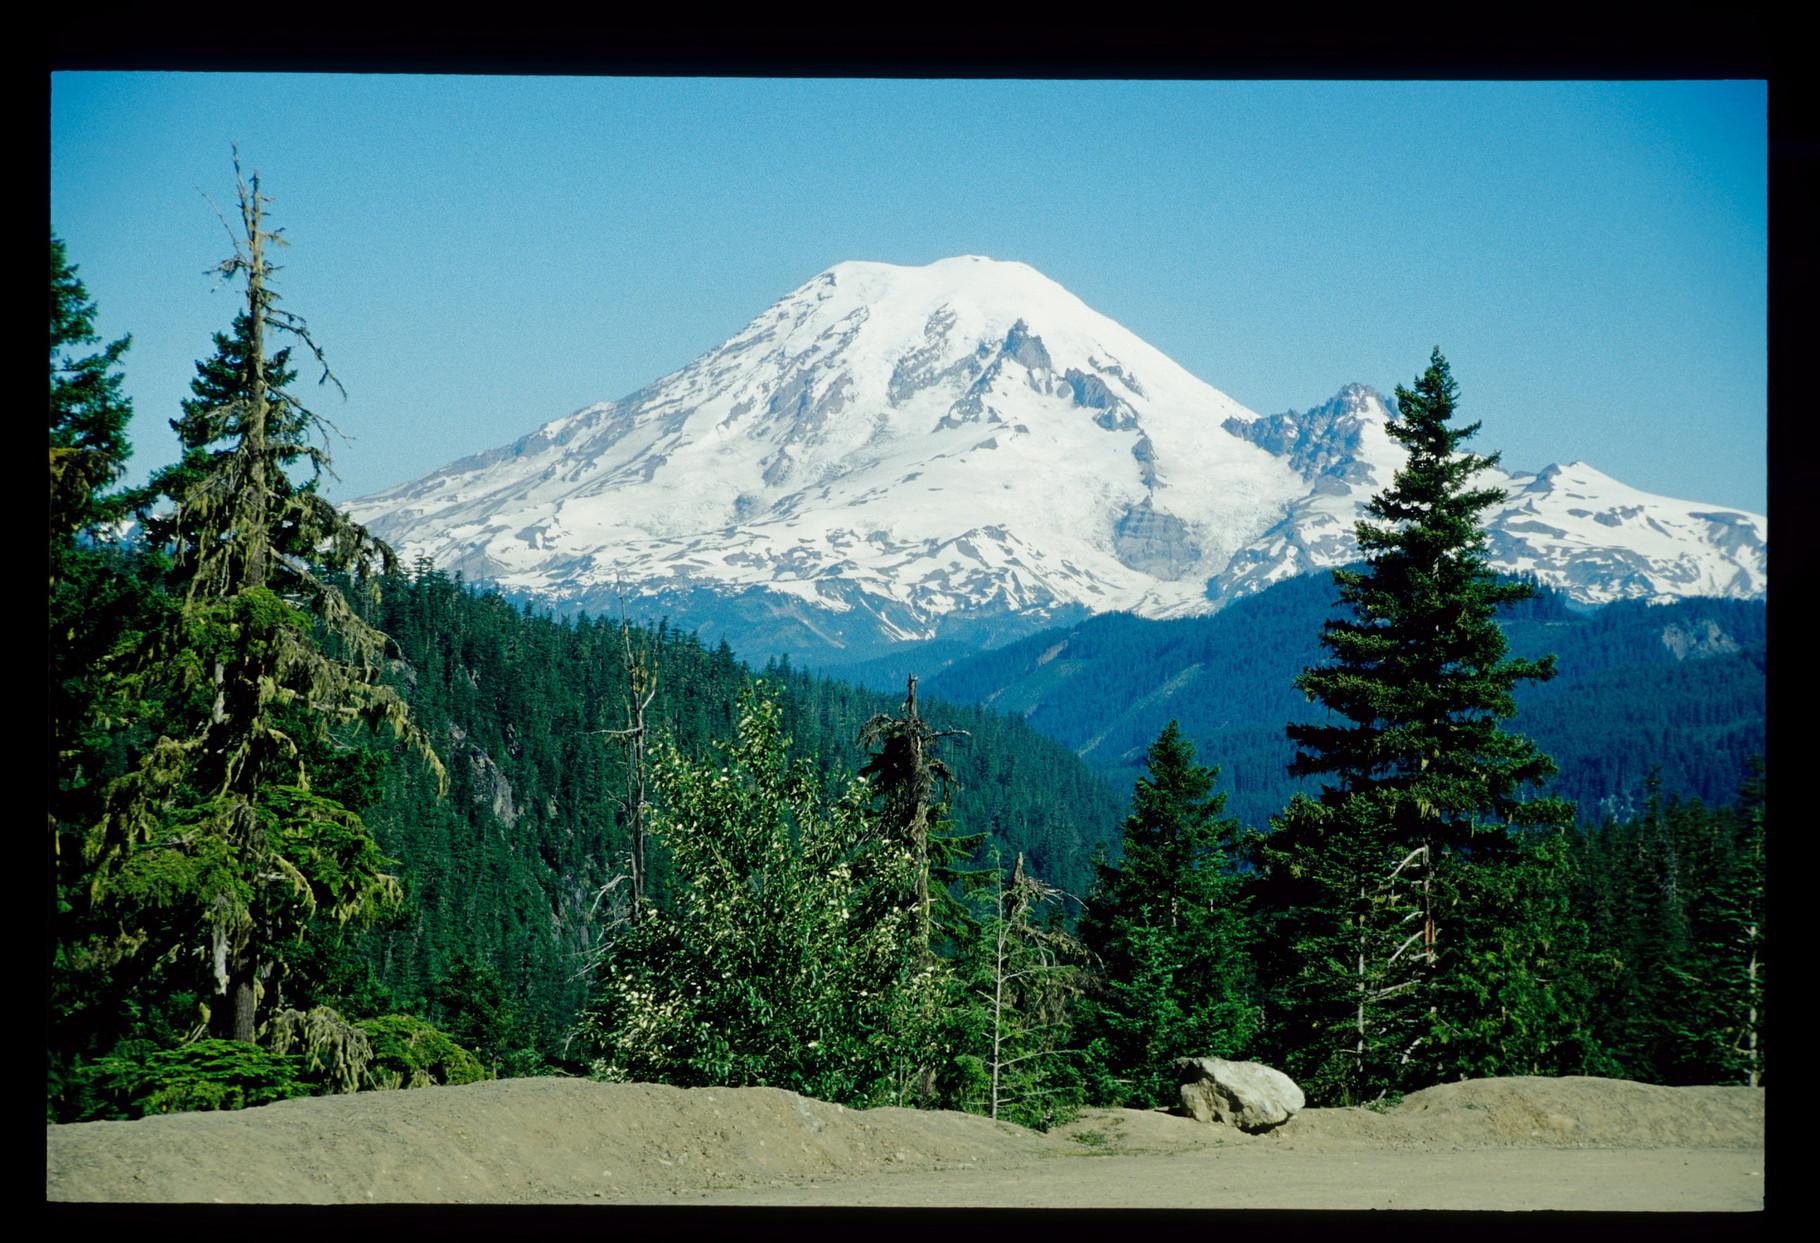 Abstecher in die USA zum Mt. St. Helens - hier der Mt. Rainer